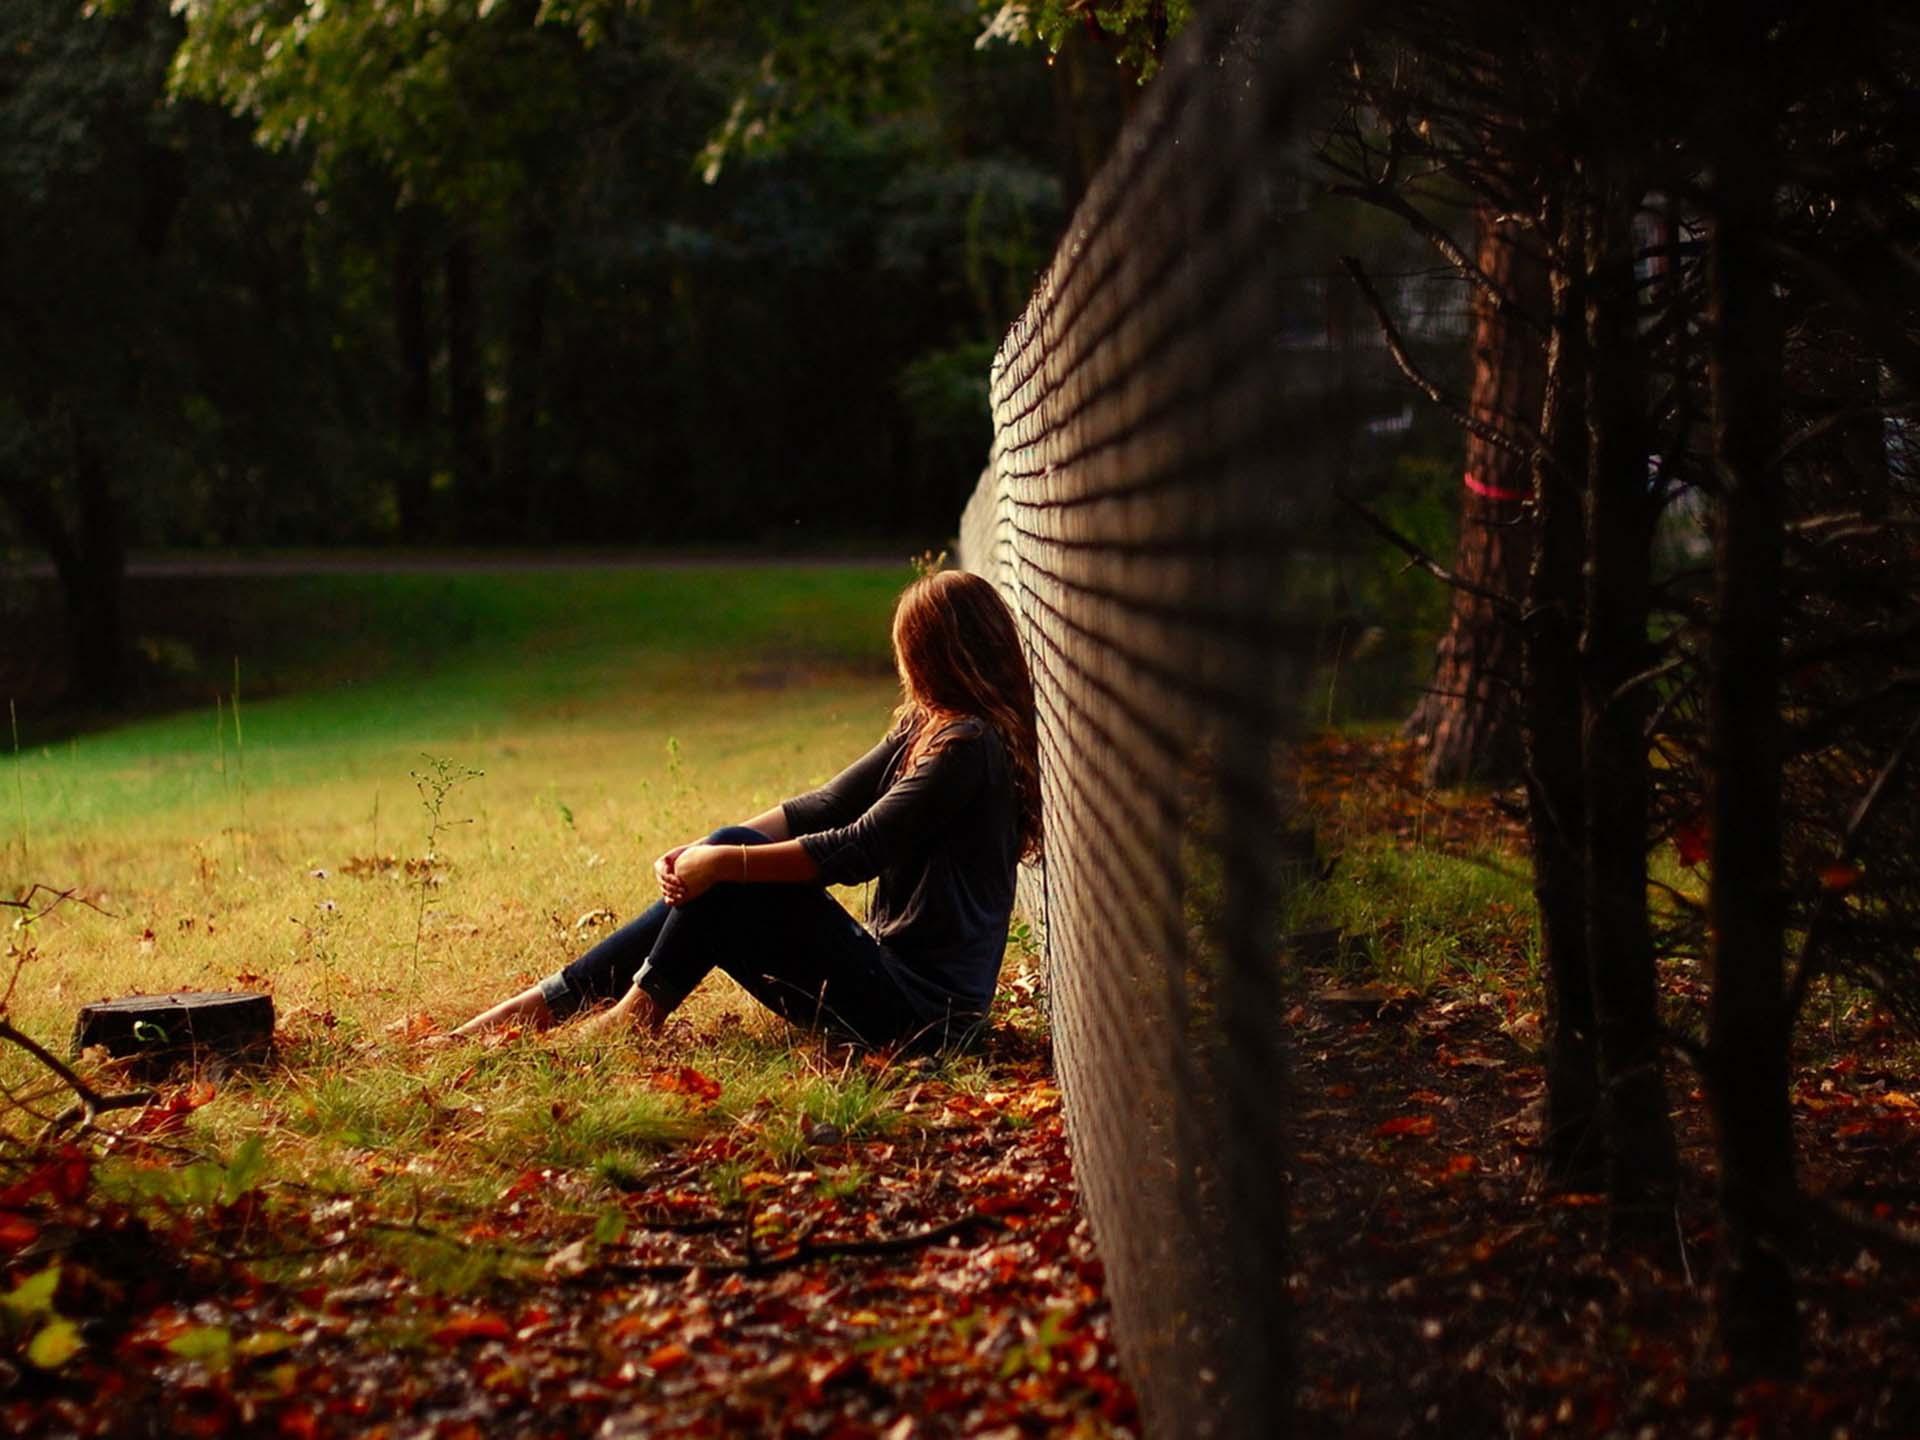 Hình ảnh cô gái buồn và cô đơn